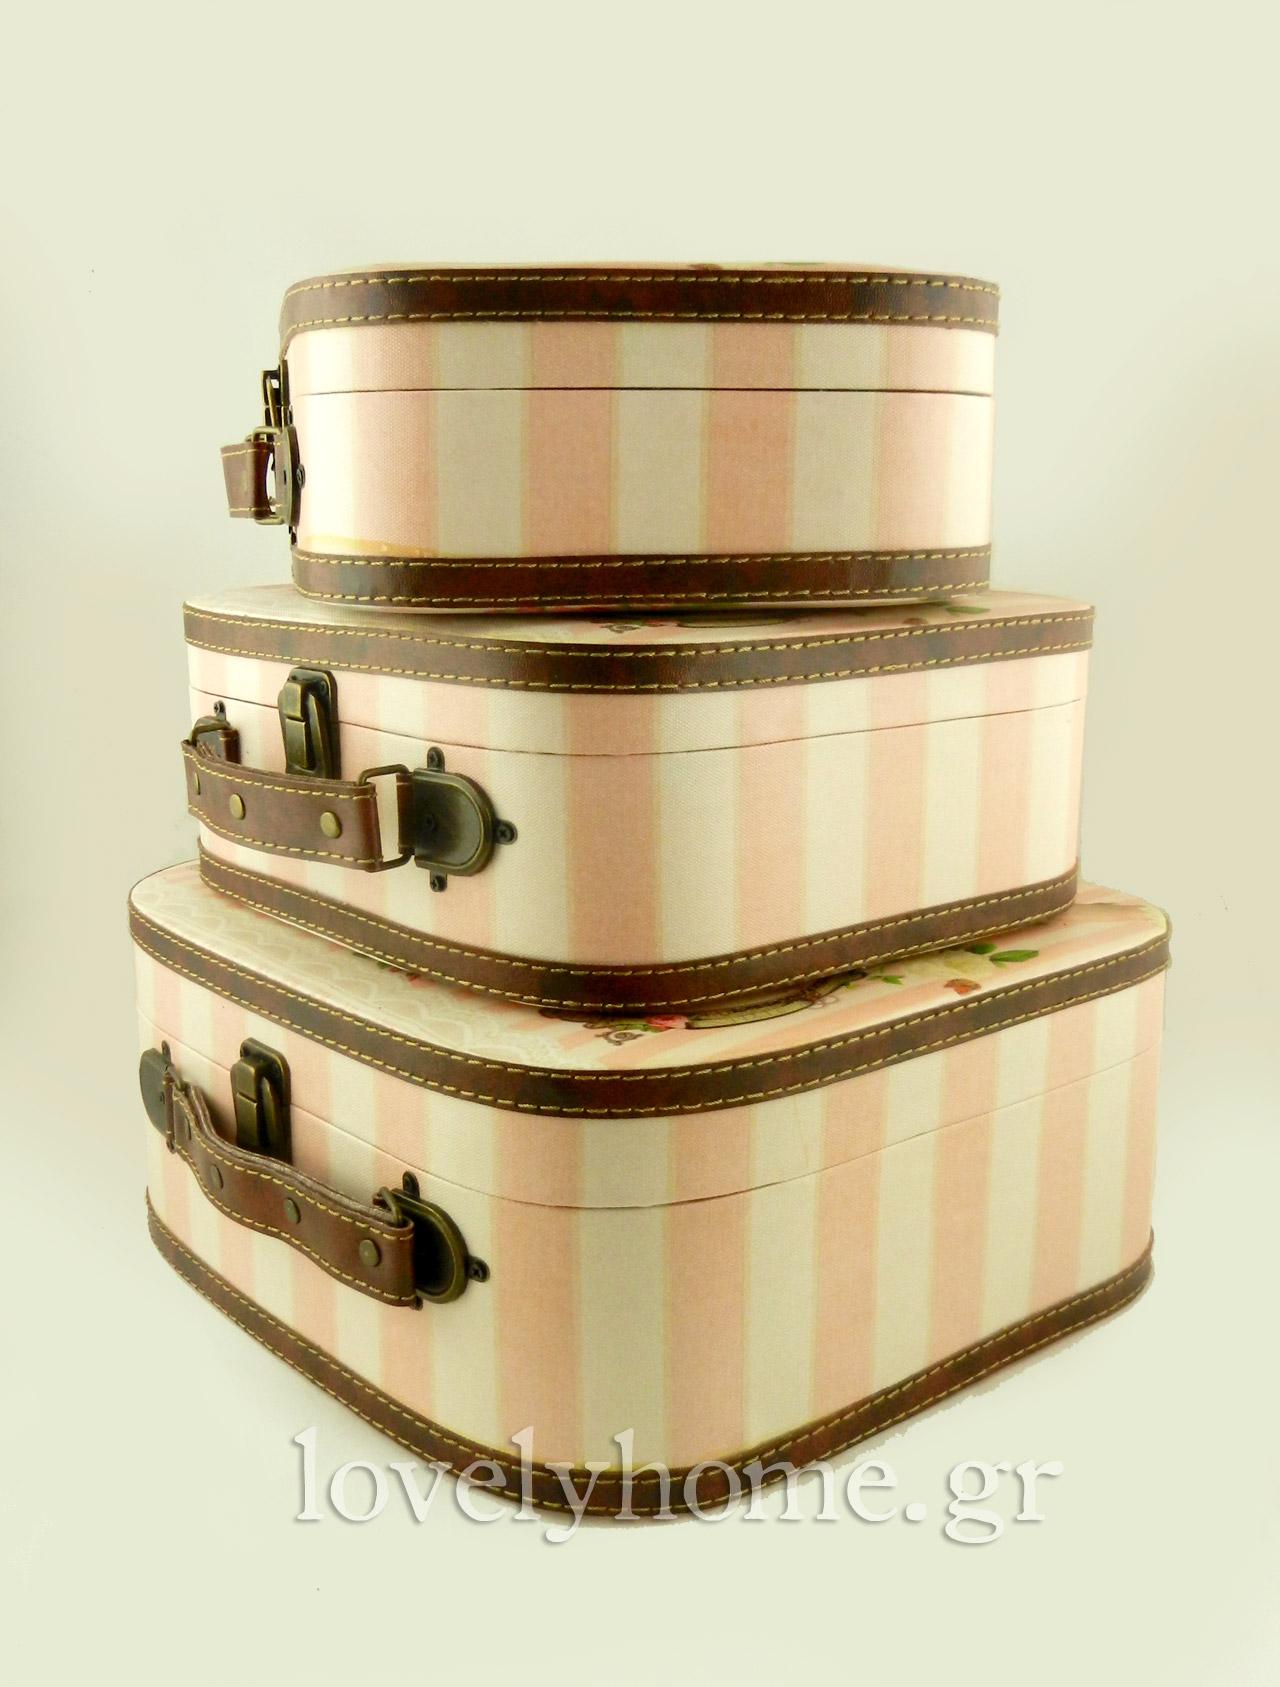 σετ 3 βαλίτσες ρομαντικού στυλ για αποθήκευση αντικειμένων